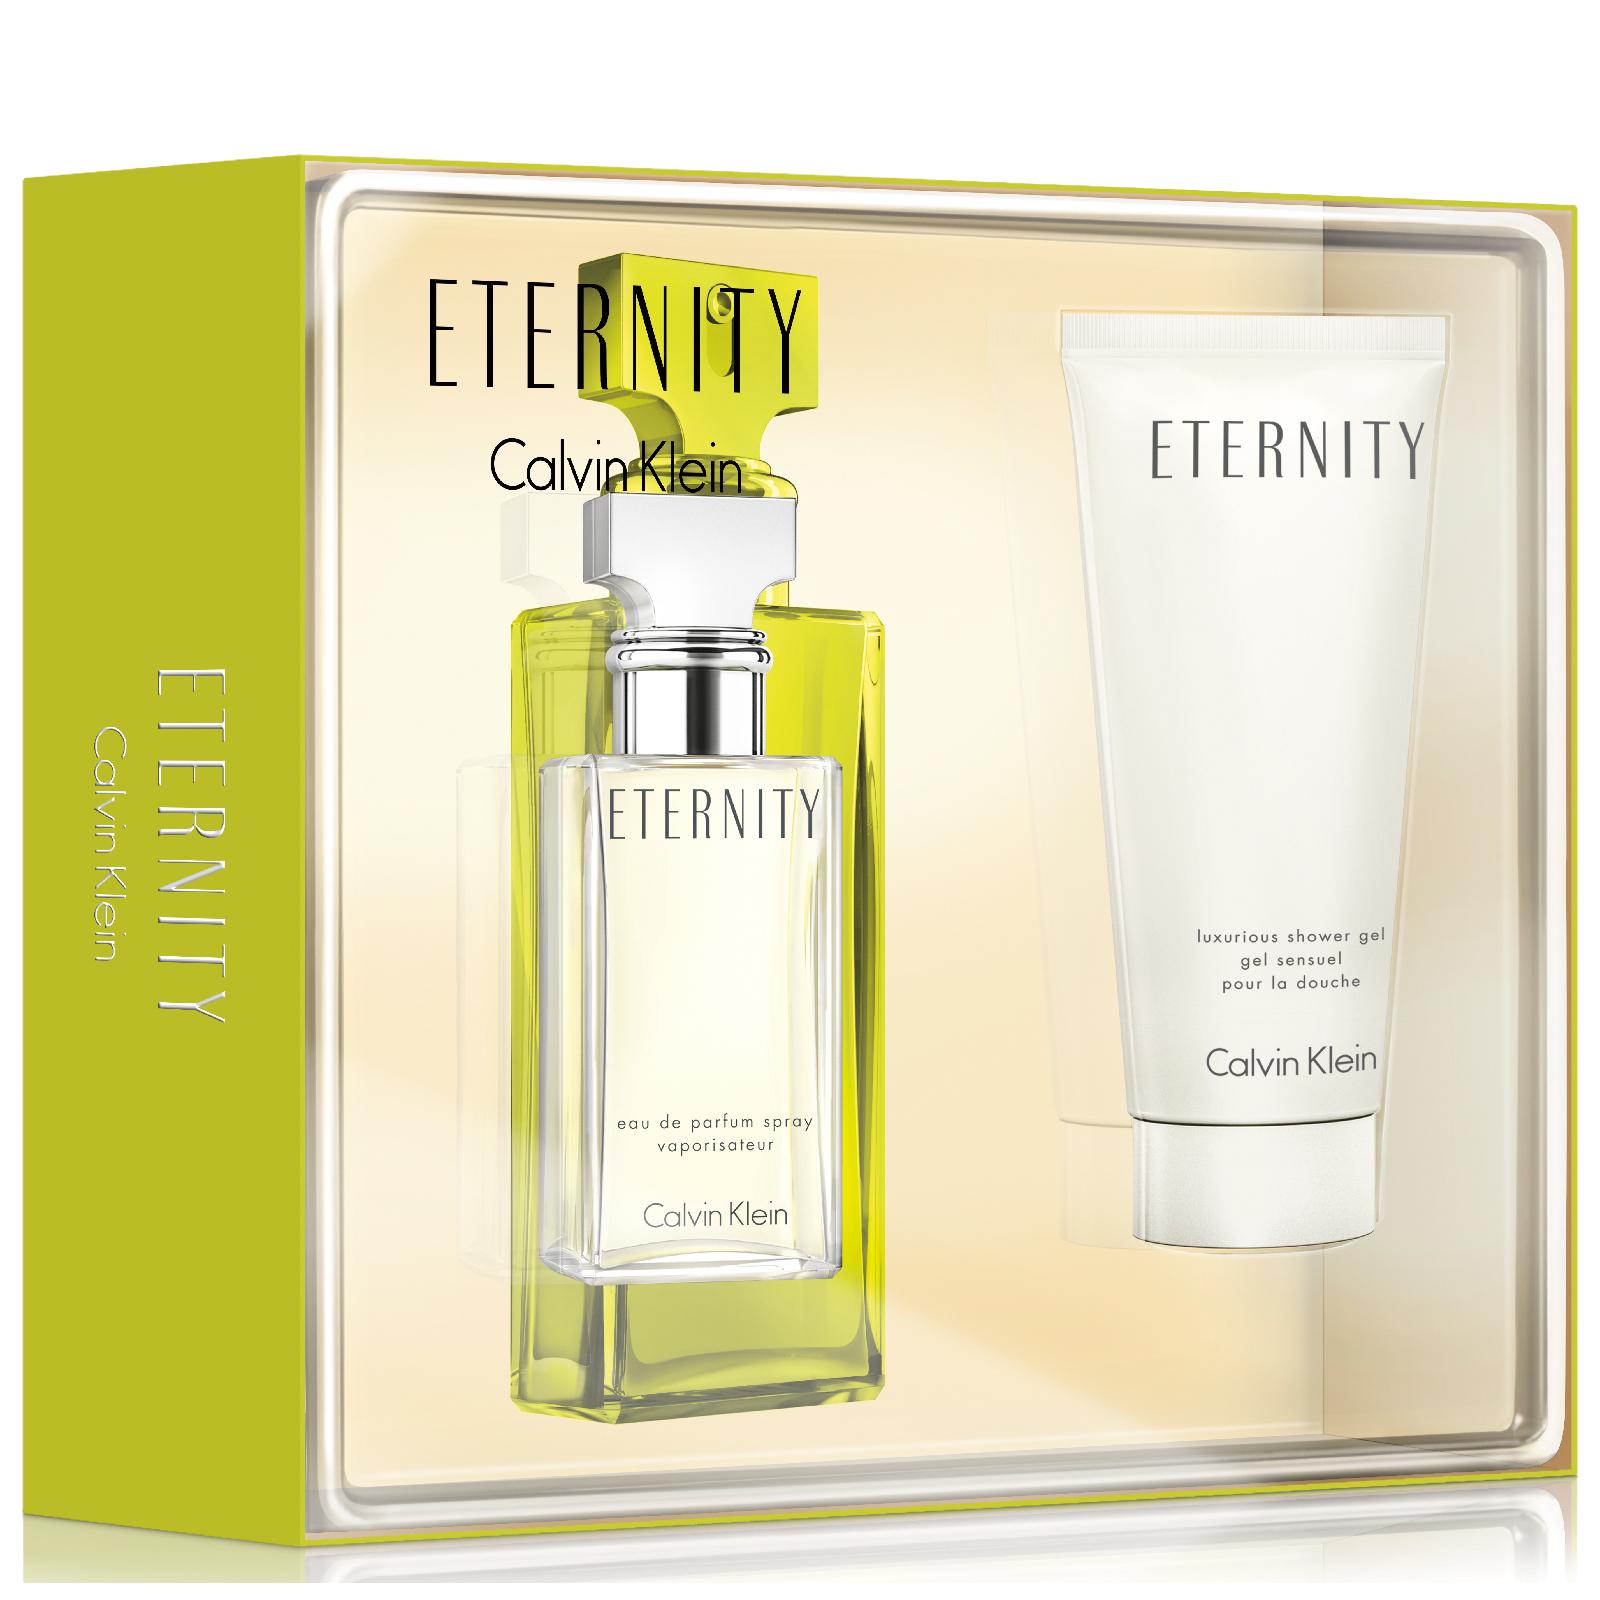 Coffret Eternity Parfum Set Eau De Women Calvin Klein For ebEWHYD29I